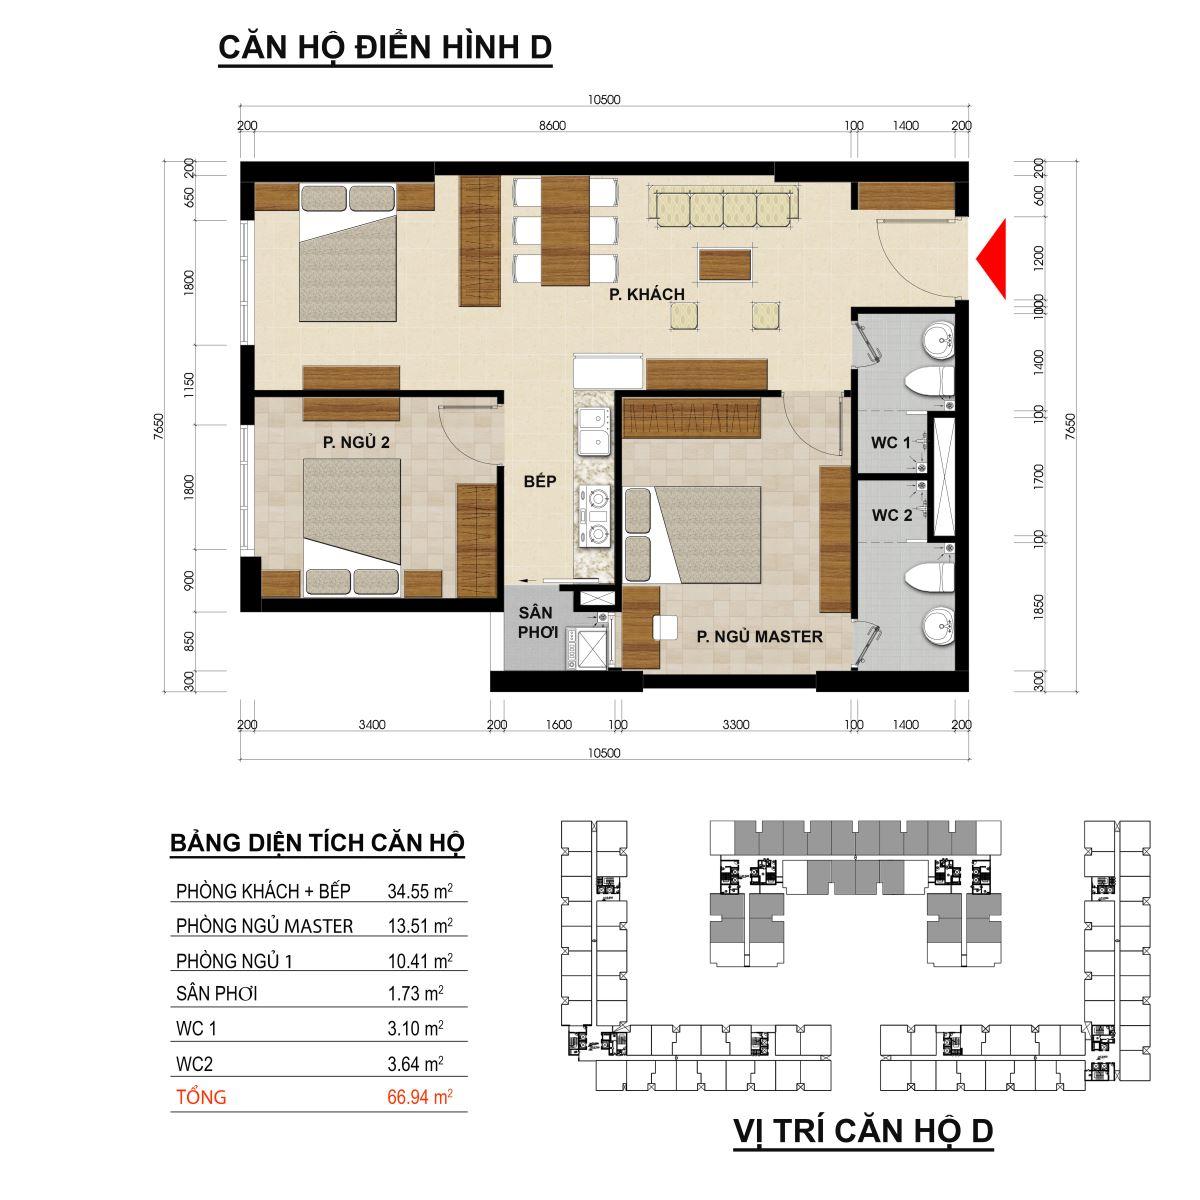 Căn hộ 2 phòng ngủ diện tích 66,94m2